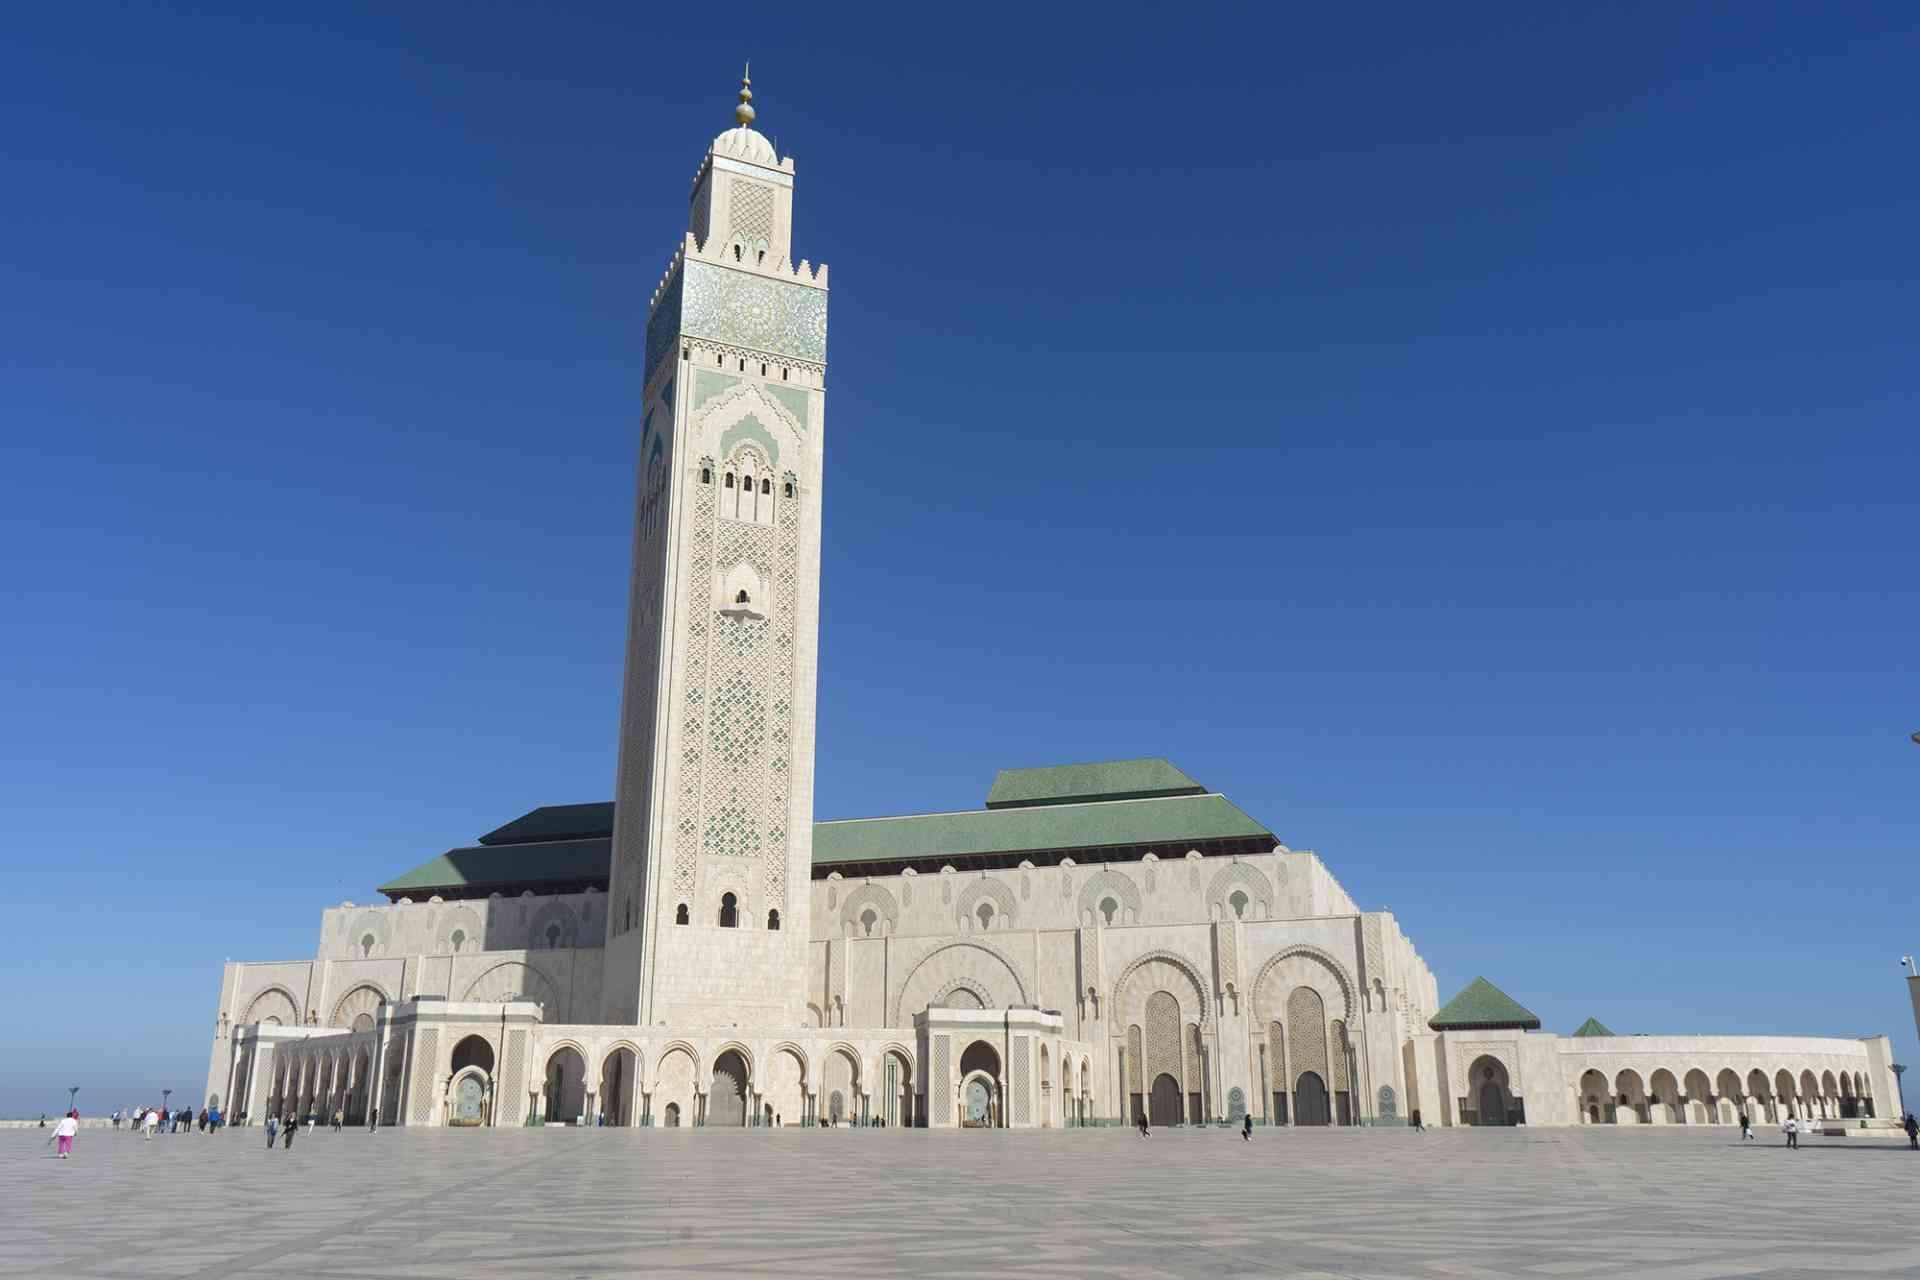 Hassan II Mosque, Casablanca, Morocco by Priscilla Aster